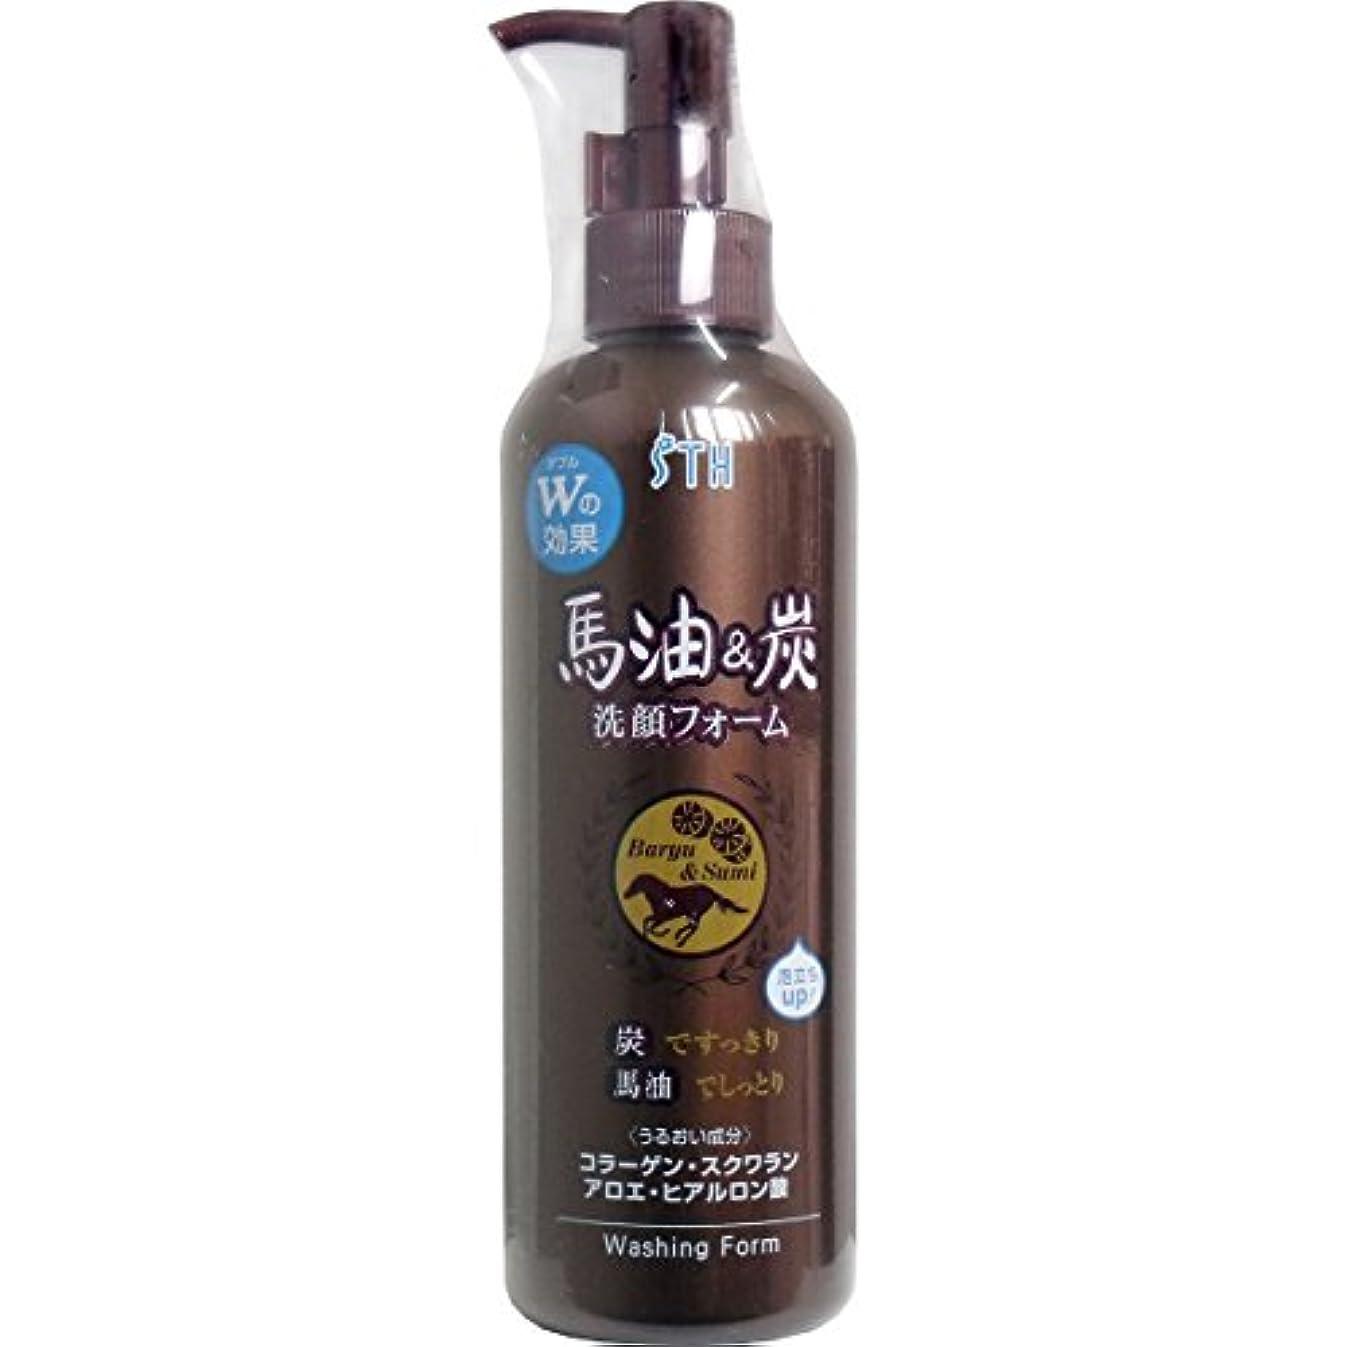 雑多な消費するエスカレート馬油&炭 洗顔フォーム ポンプ 250mL【1個】